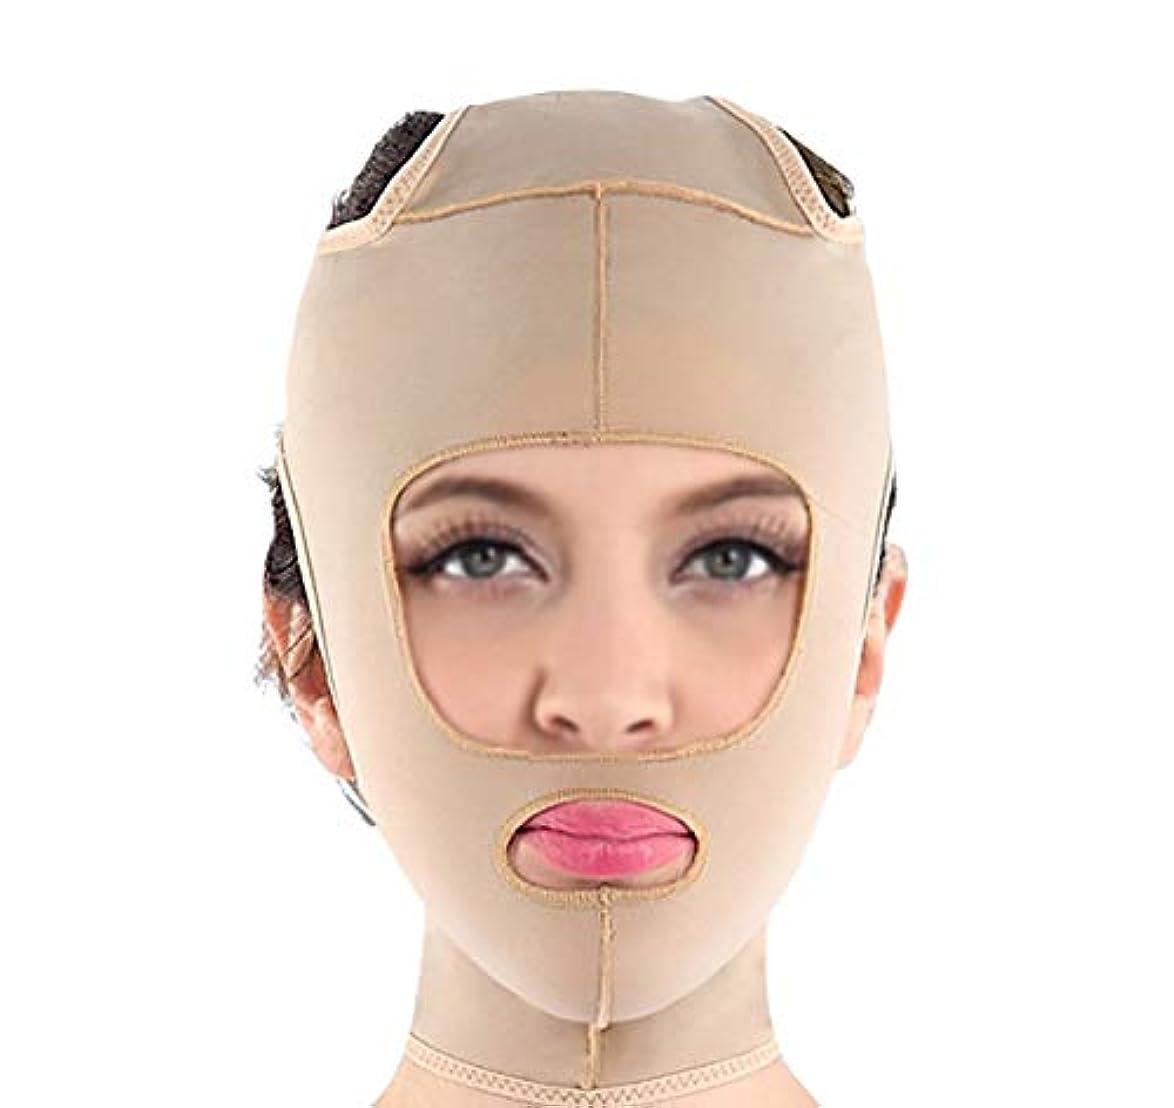 有名な見るよろしく包帯vフェイス楽器フェイスマスクマジックフェイスフェイシャルファーミングフェイシャルマッサージフェイシャルリンクルリフティング引き締めプラスチックマスク (Size : L)